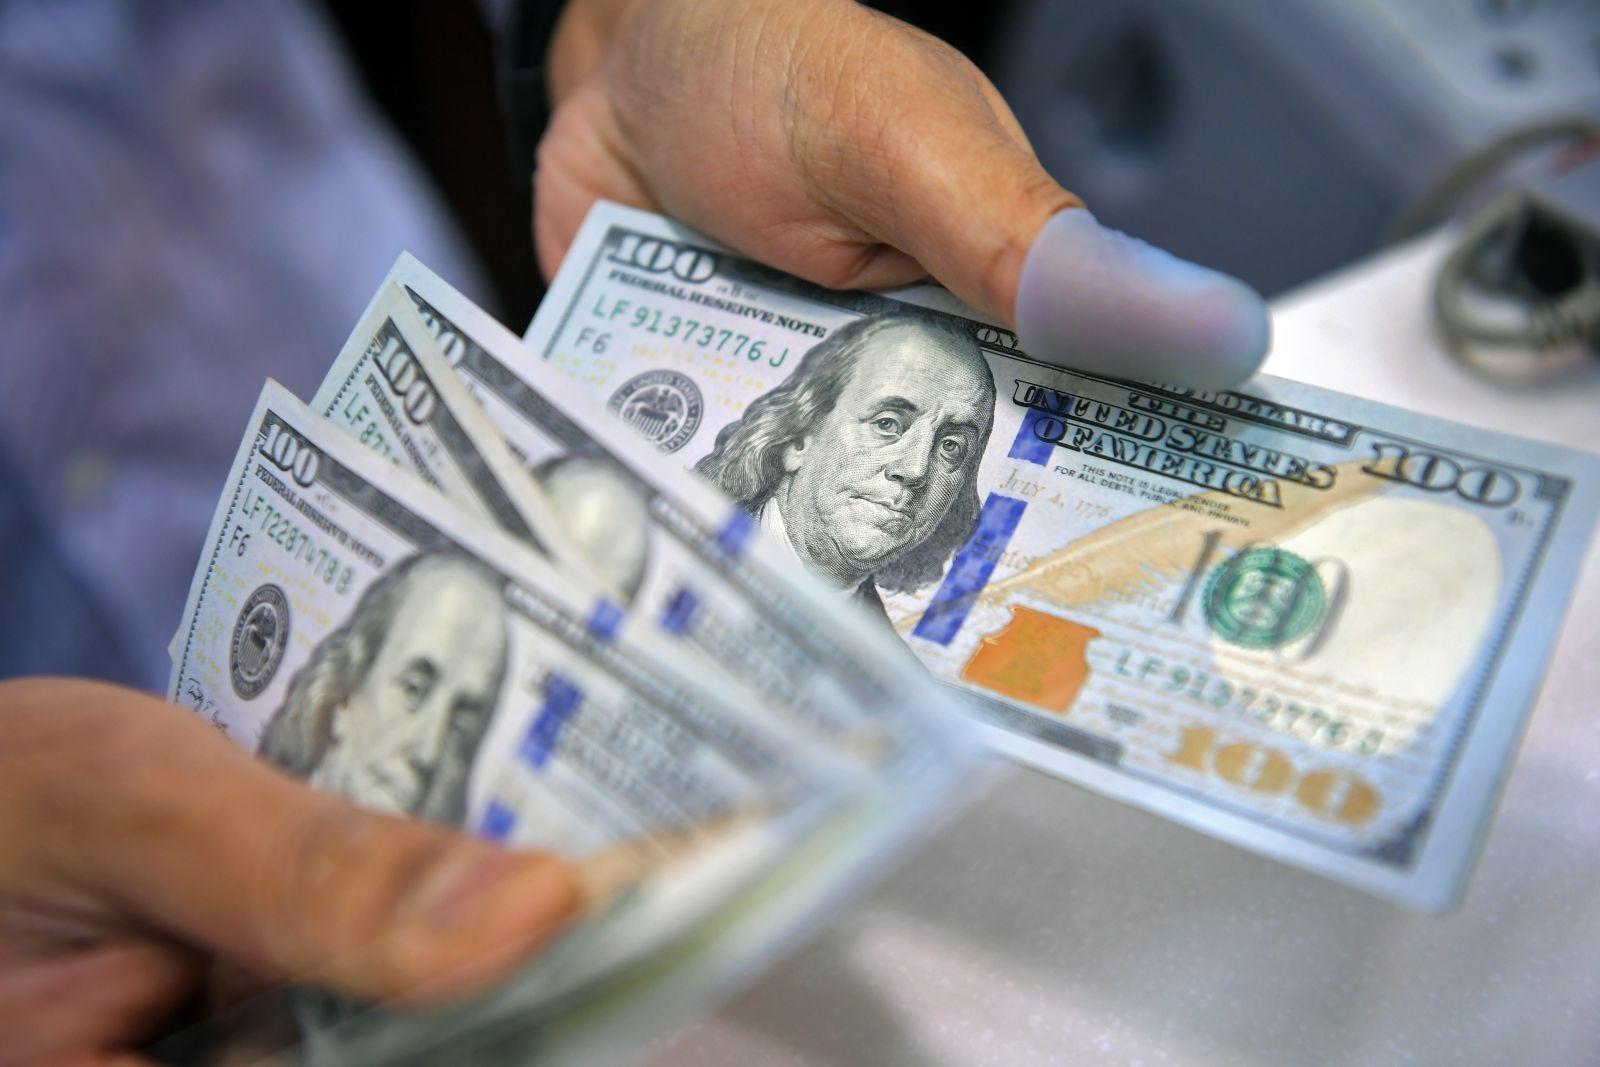 ''المركزي وCIB'' الأقل سعرا.. تعرف على أسعار الدولار في البنوك الحكومية والخاصة